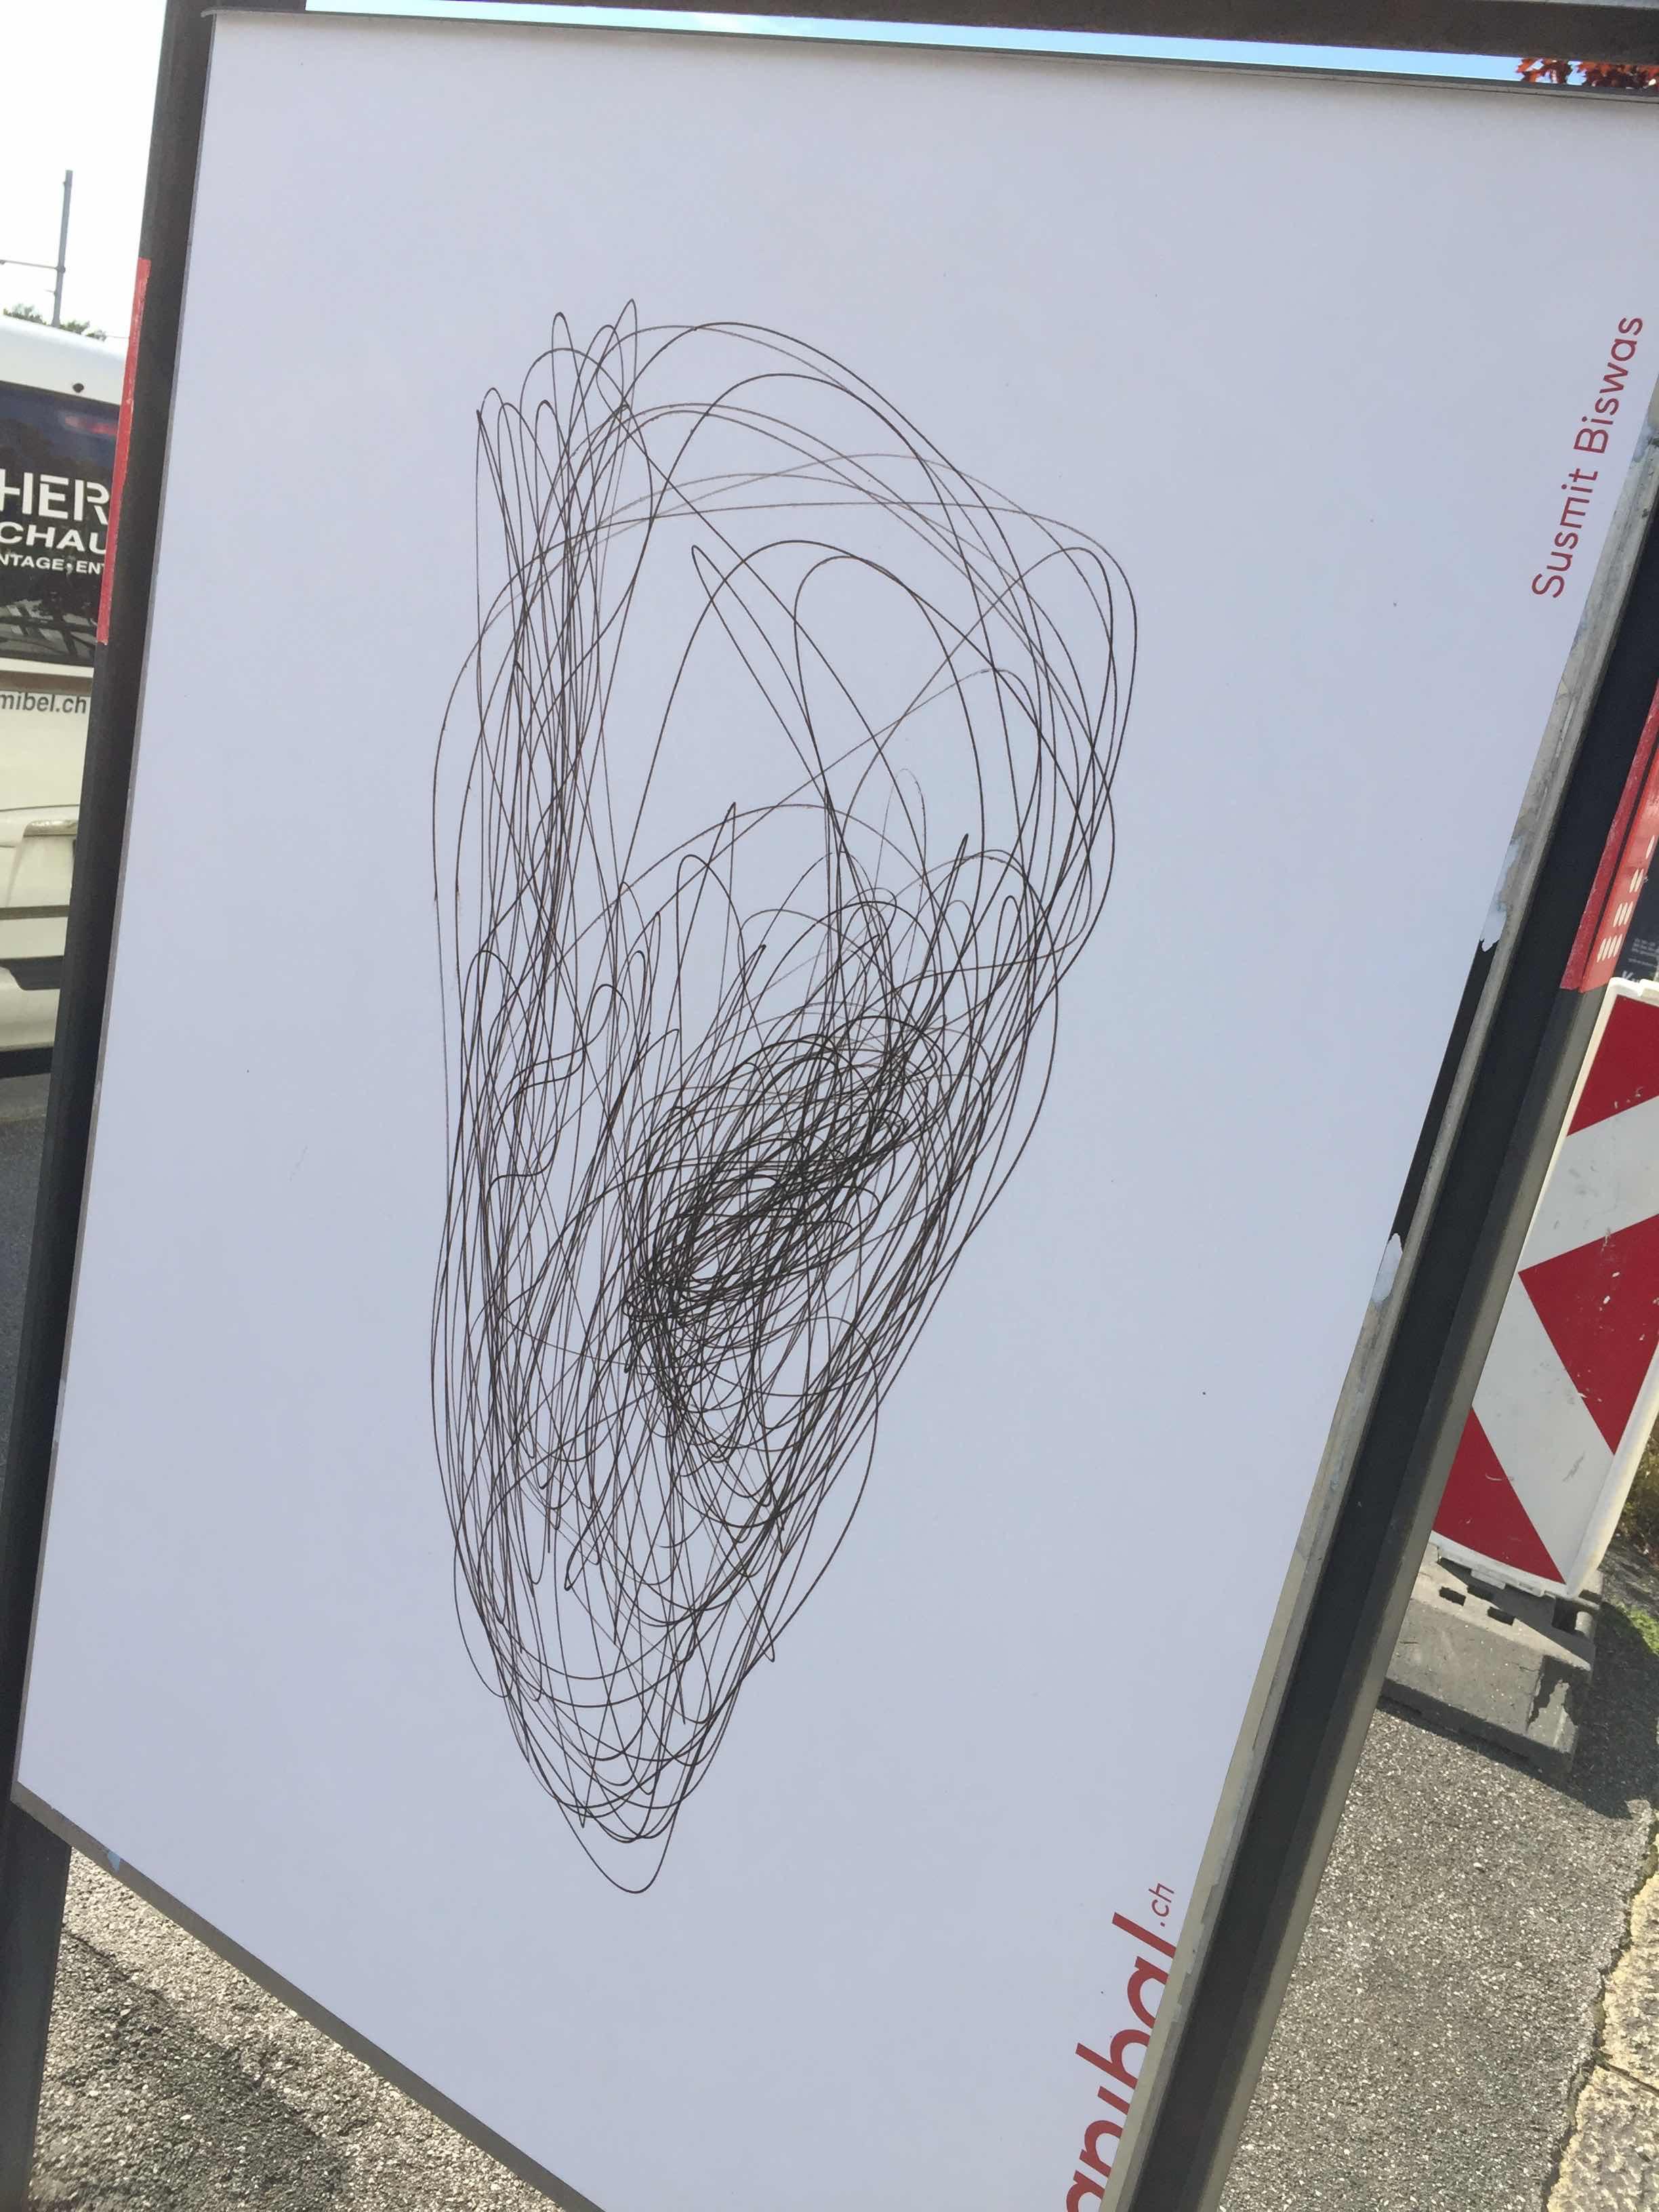 Susmit Biswas, rue de genève 105, Lausanne-IMG_5775